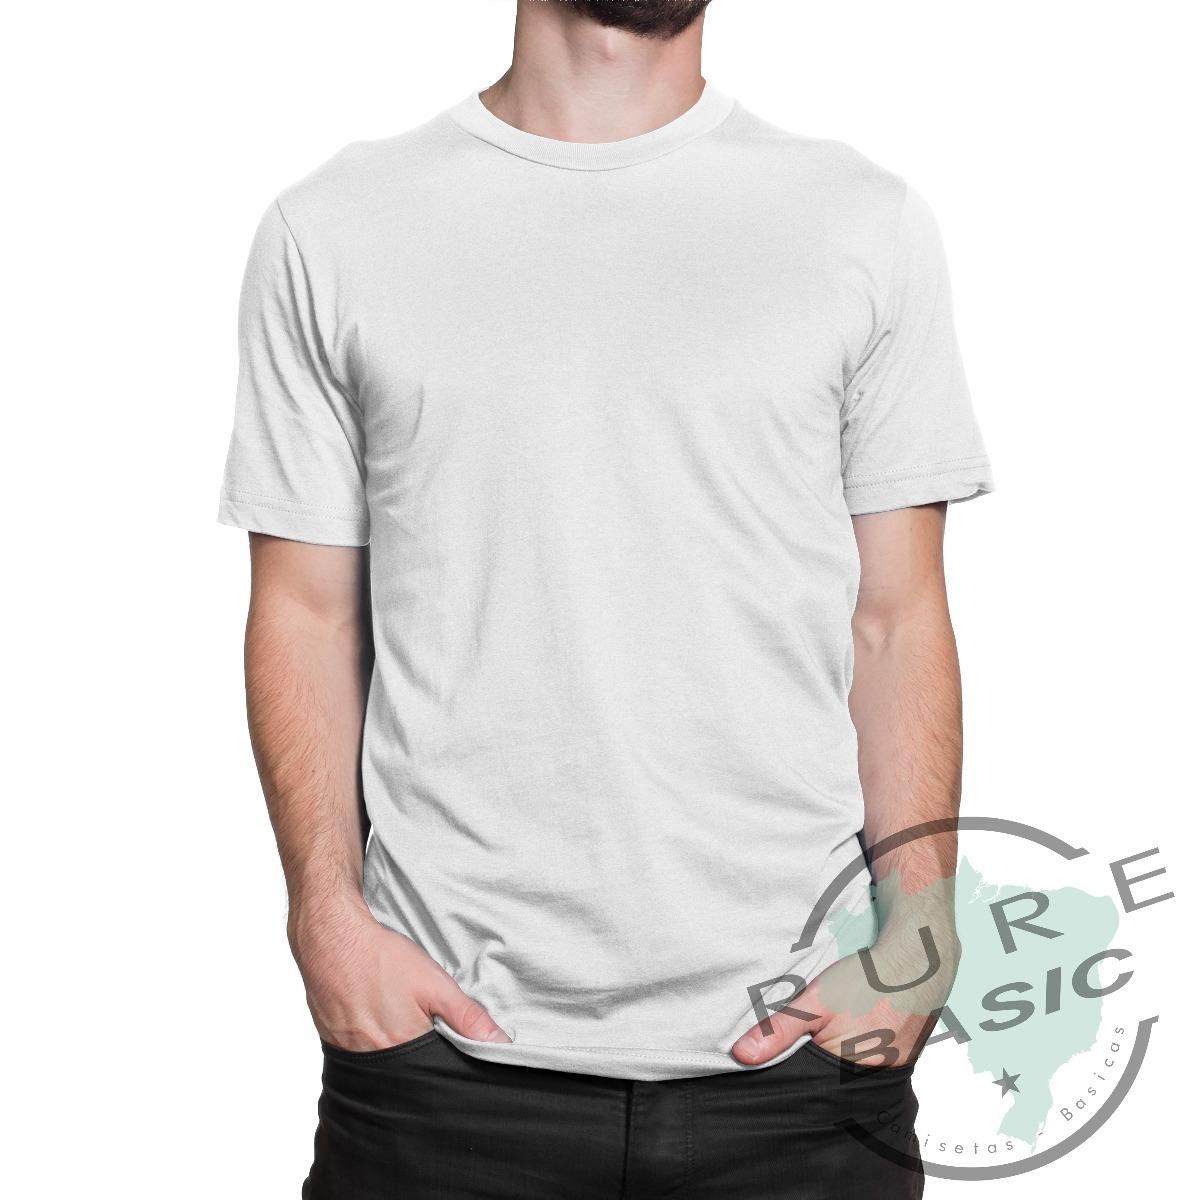 c3d6232f56 camiseta basica branca 100% algodão fio 30.1 com reforço. Carregando zoom.